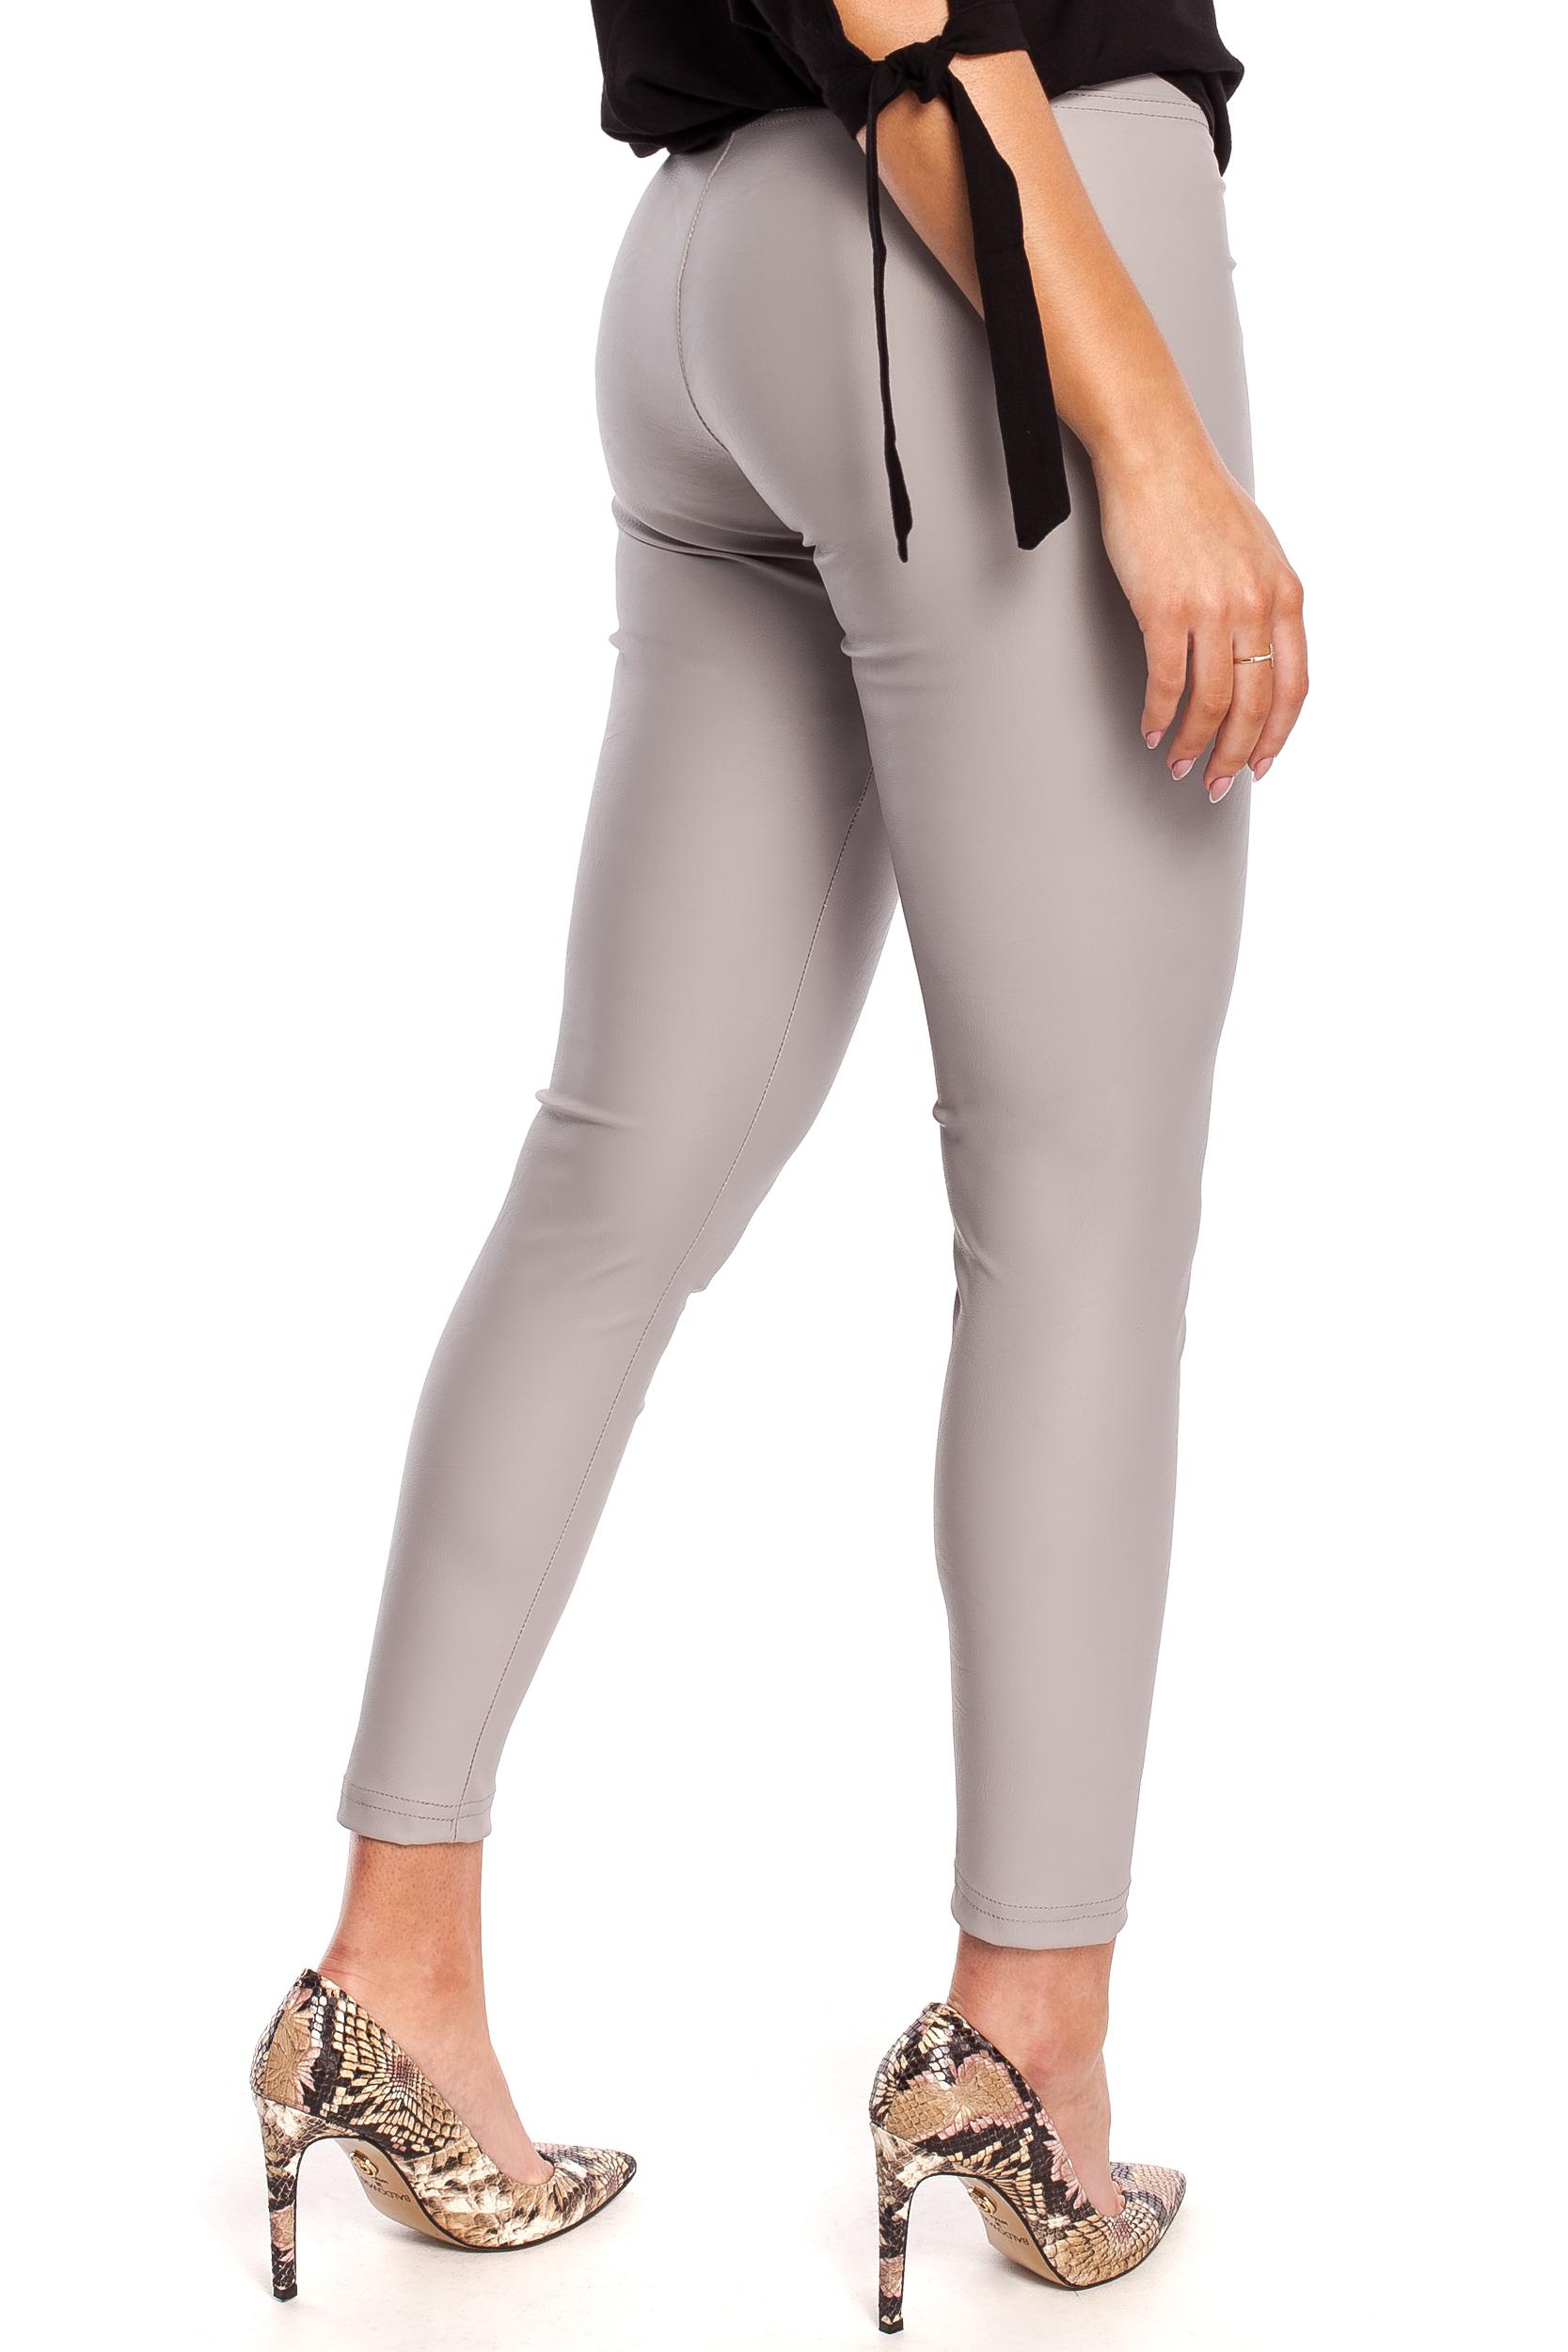 CM4330 Gładkie skórzane spodnie - szare